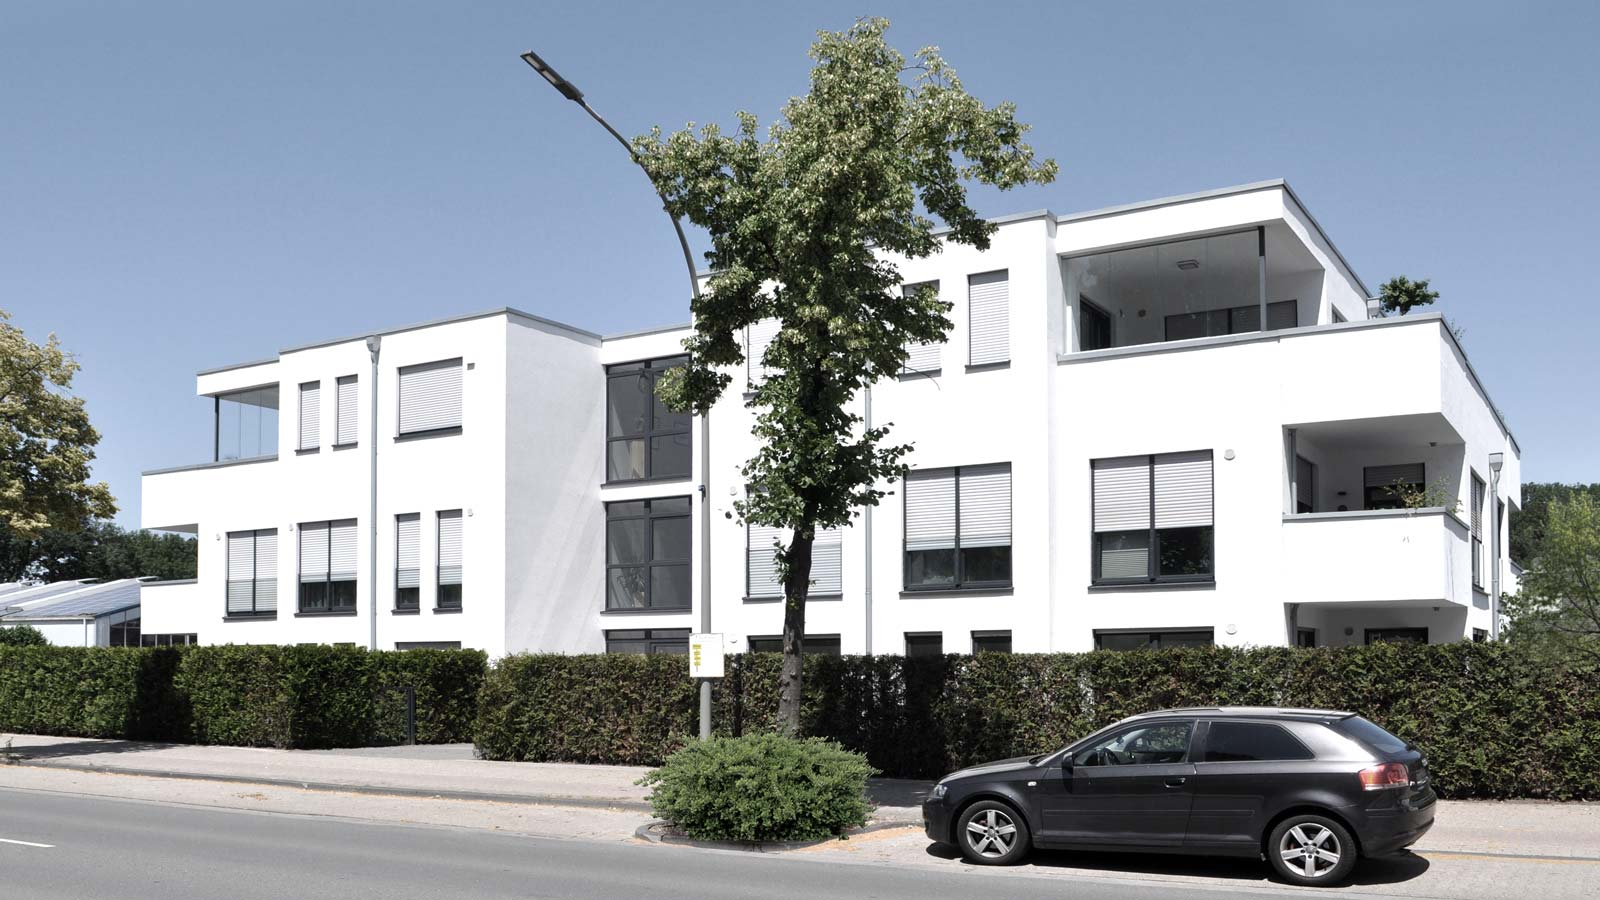 Neubau Mehrfamilienhaus, Schoo Immobilien in Nordwalde, Holtfrerich Architekten